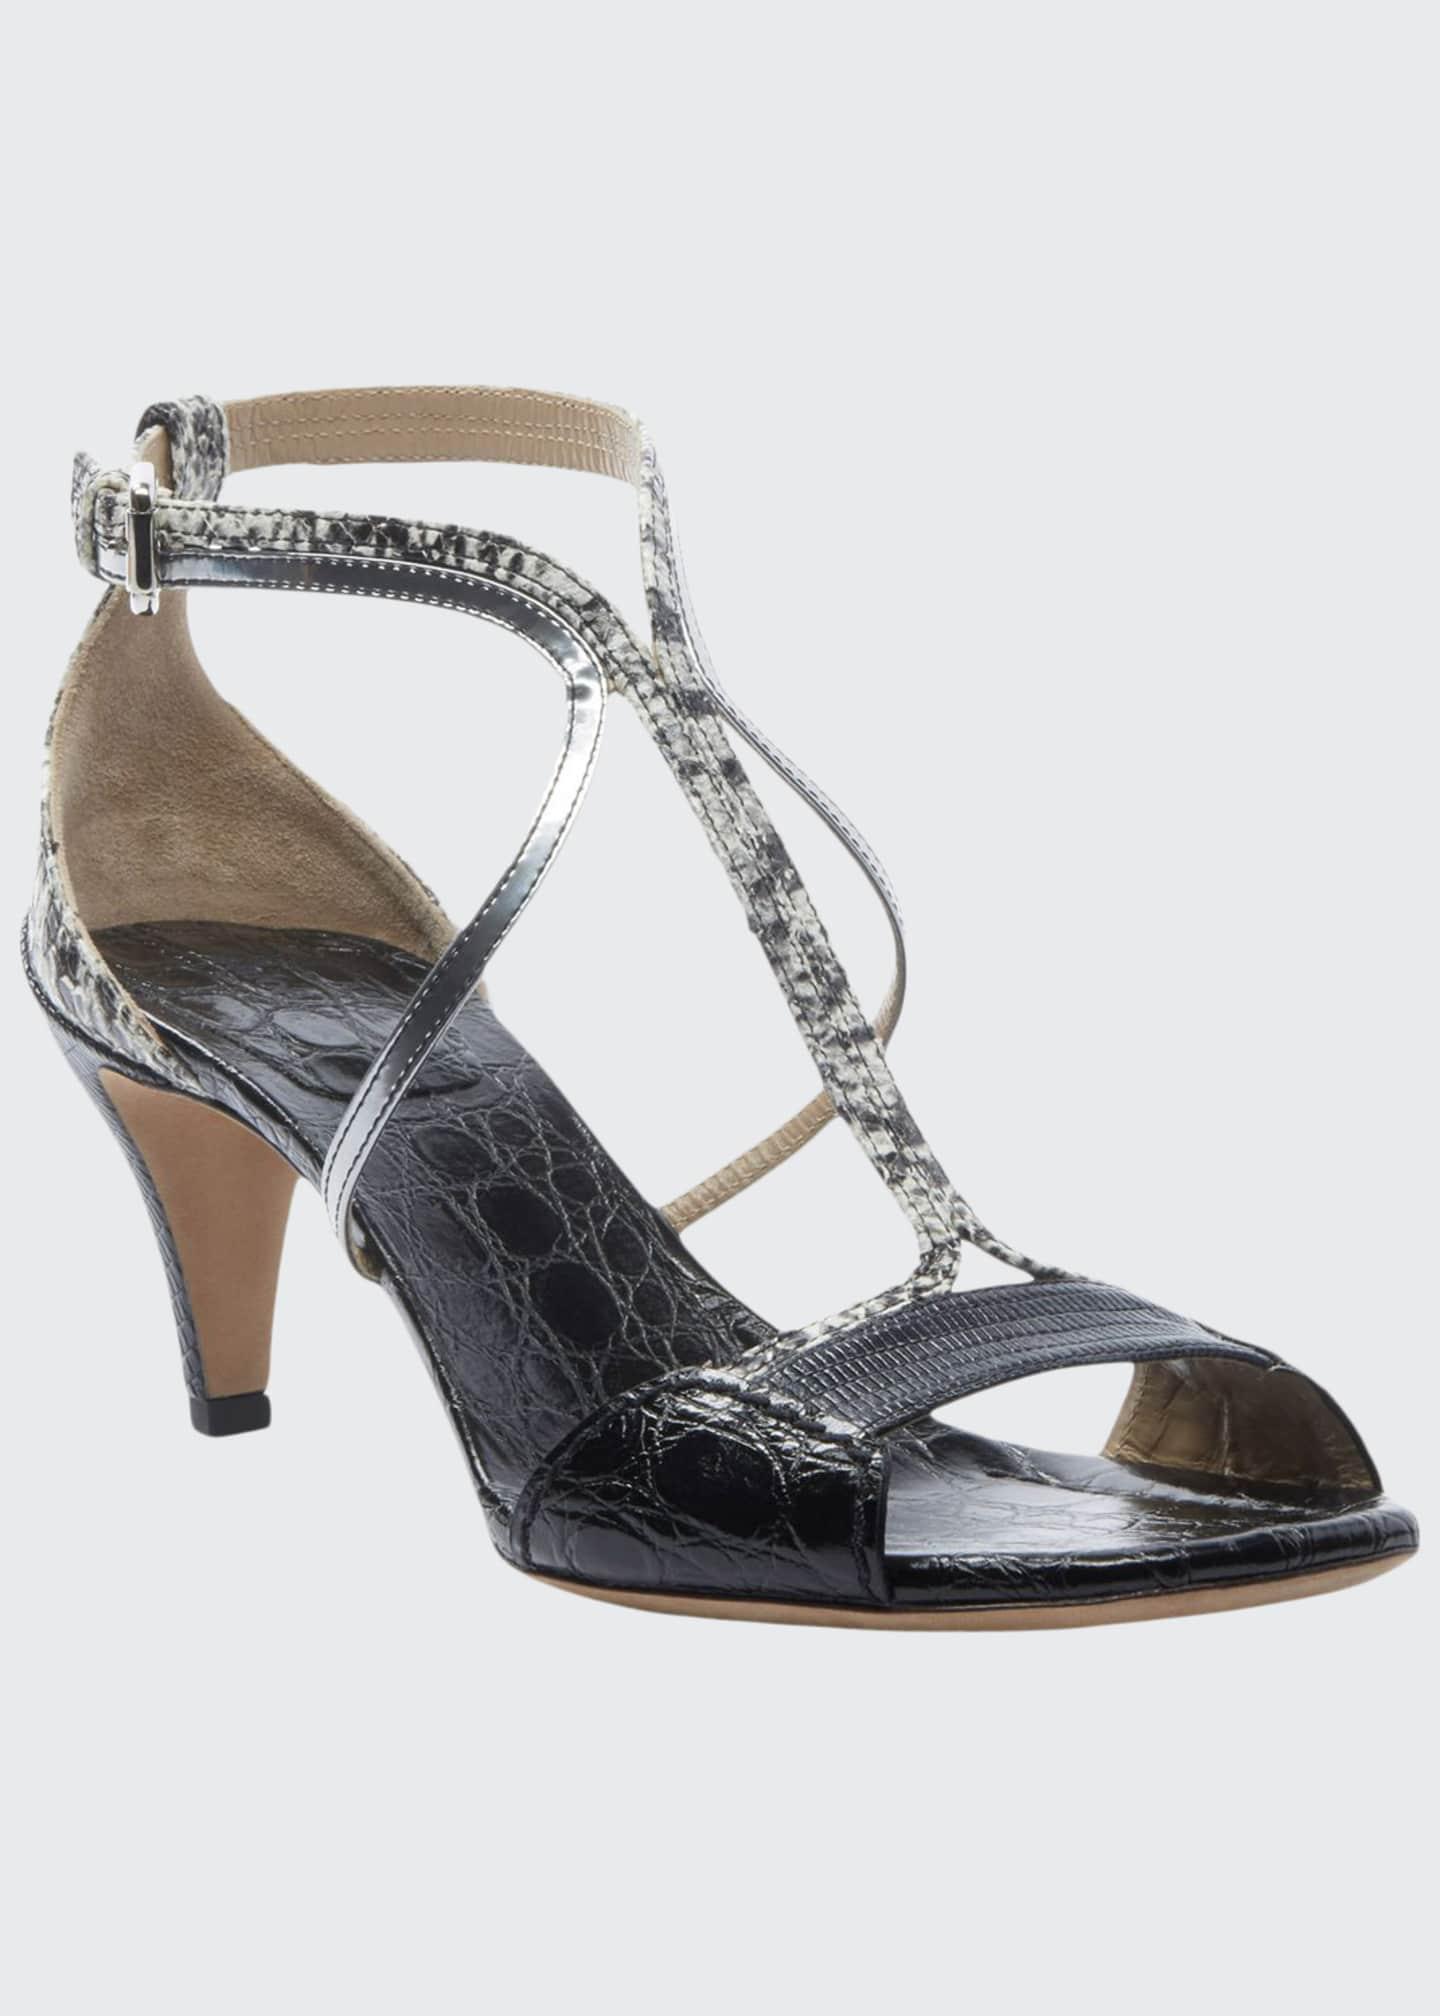 Chloe Carla Snakeskin Strappy Sandals